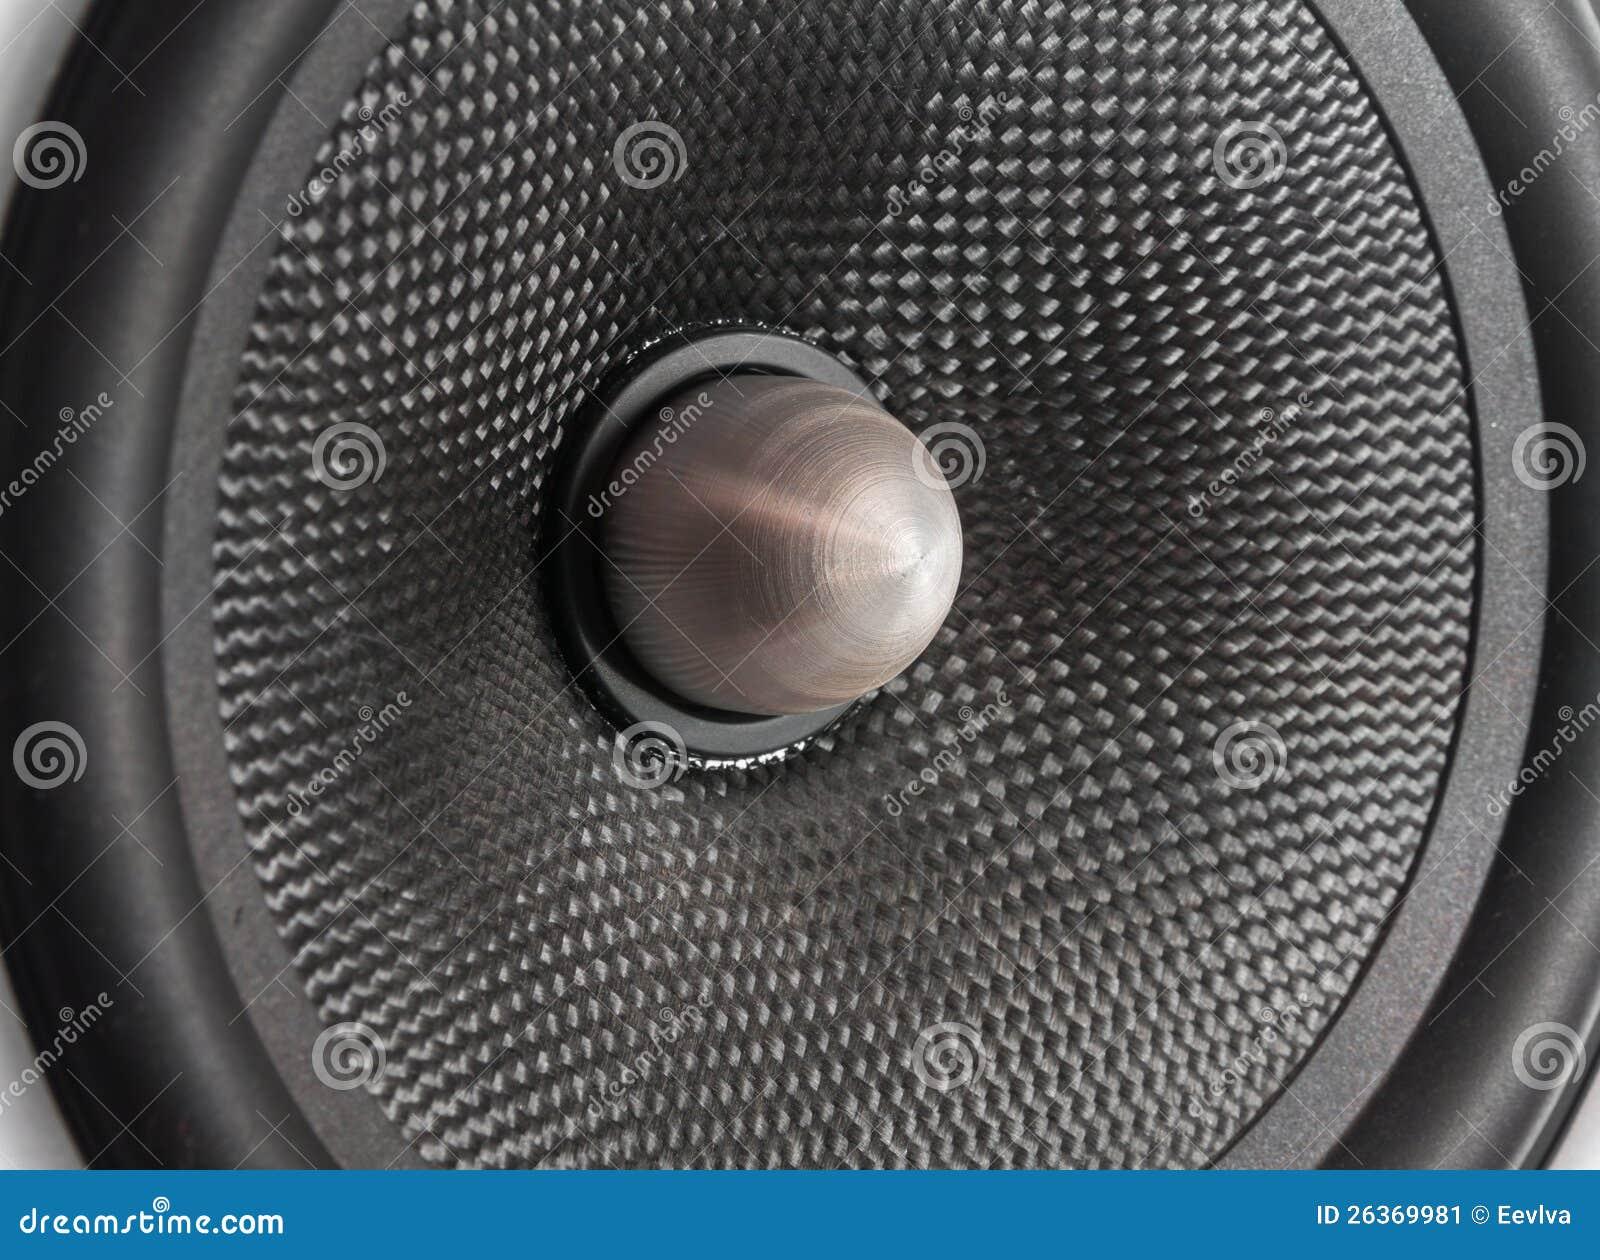 Lautsprecher Woofer.